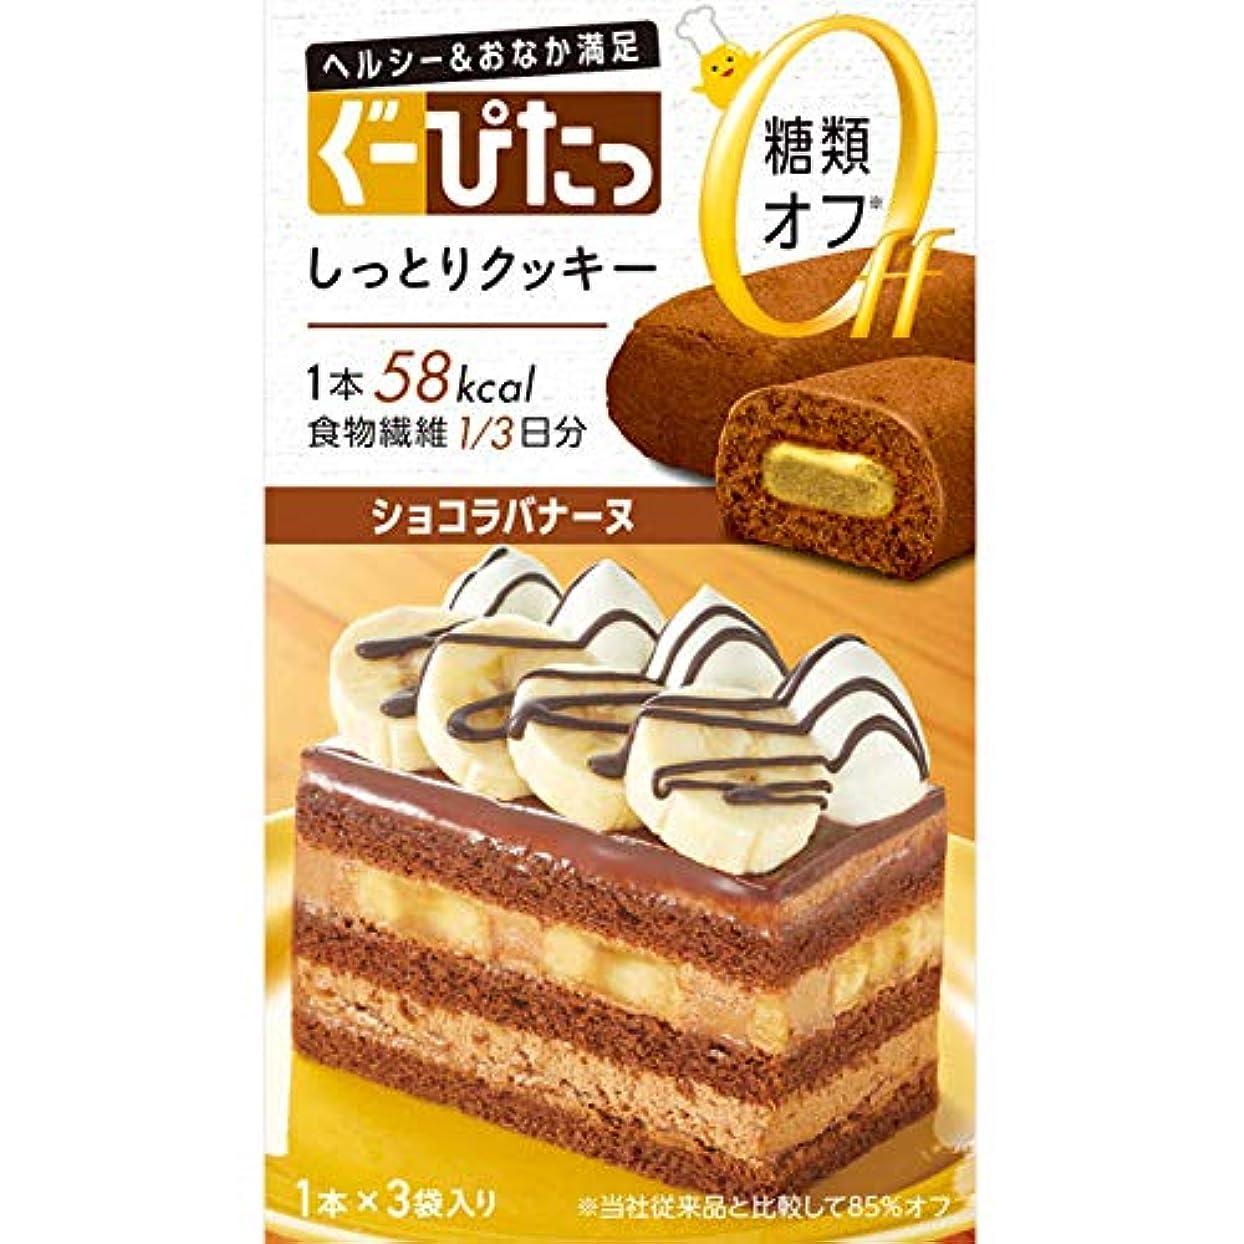 コック紀元前不条理ナリスアップ ぐーぴたっ しっとりクッキー ショコラバナーヌ (3本) ダイエット食品